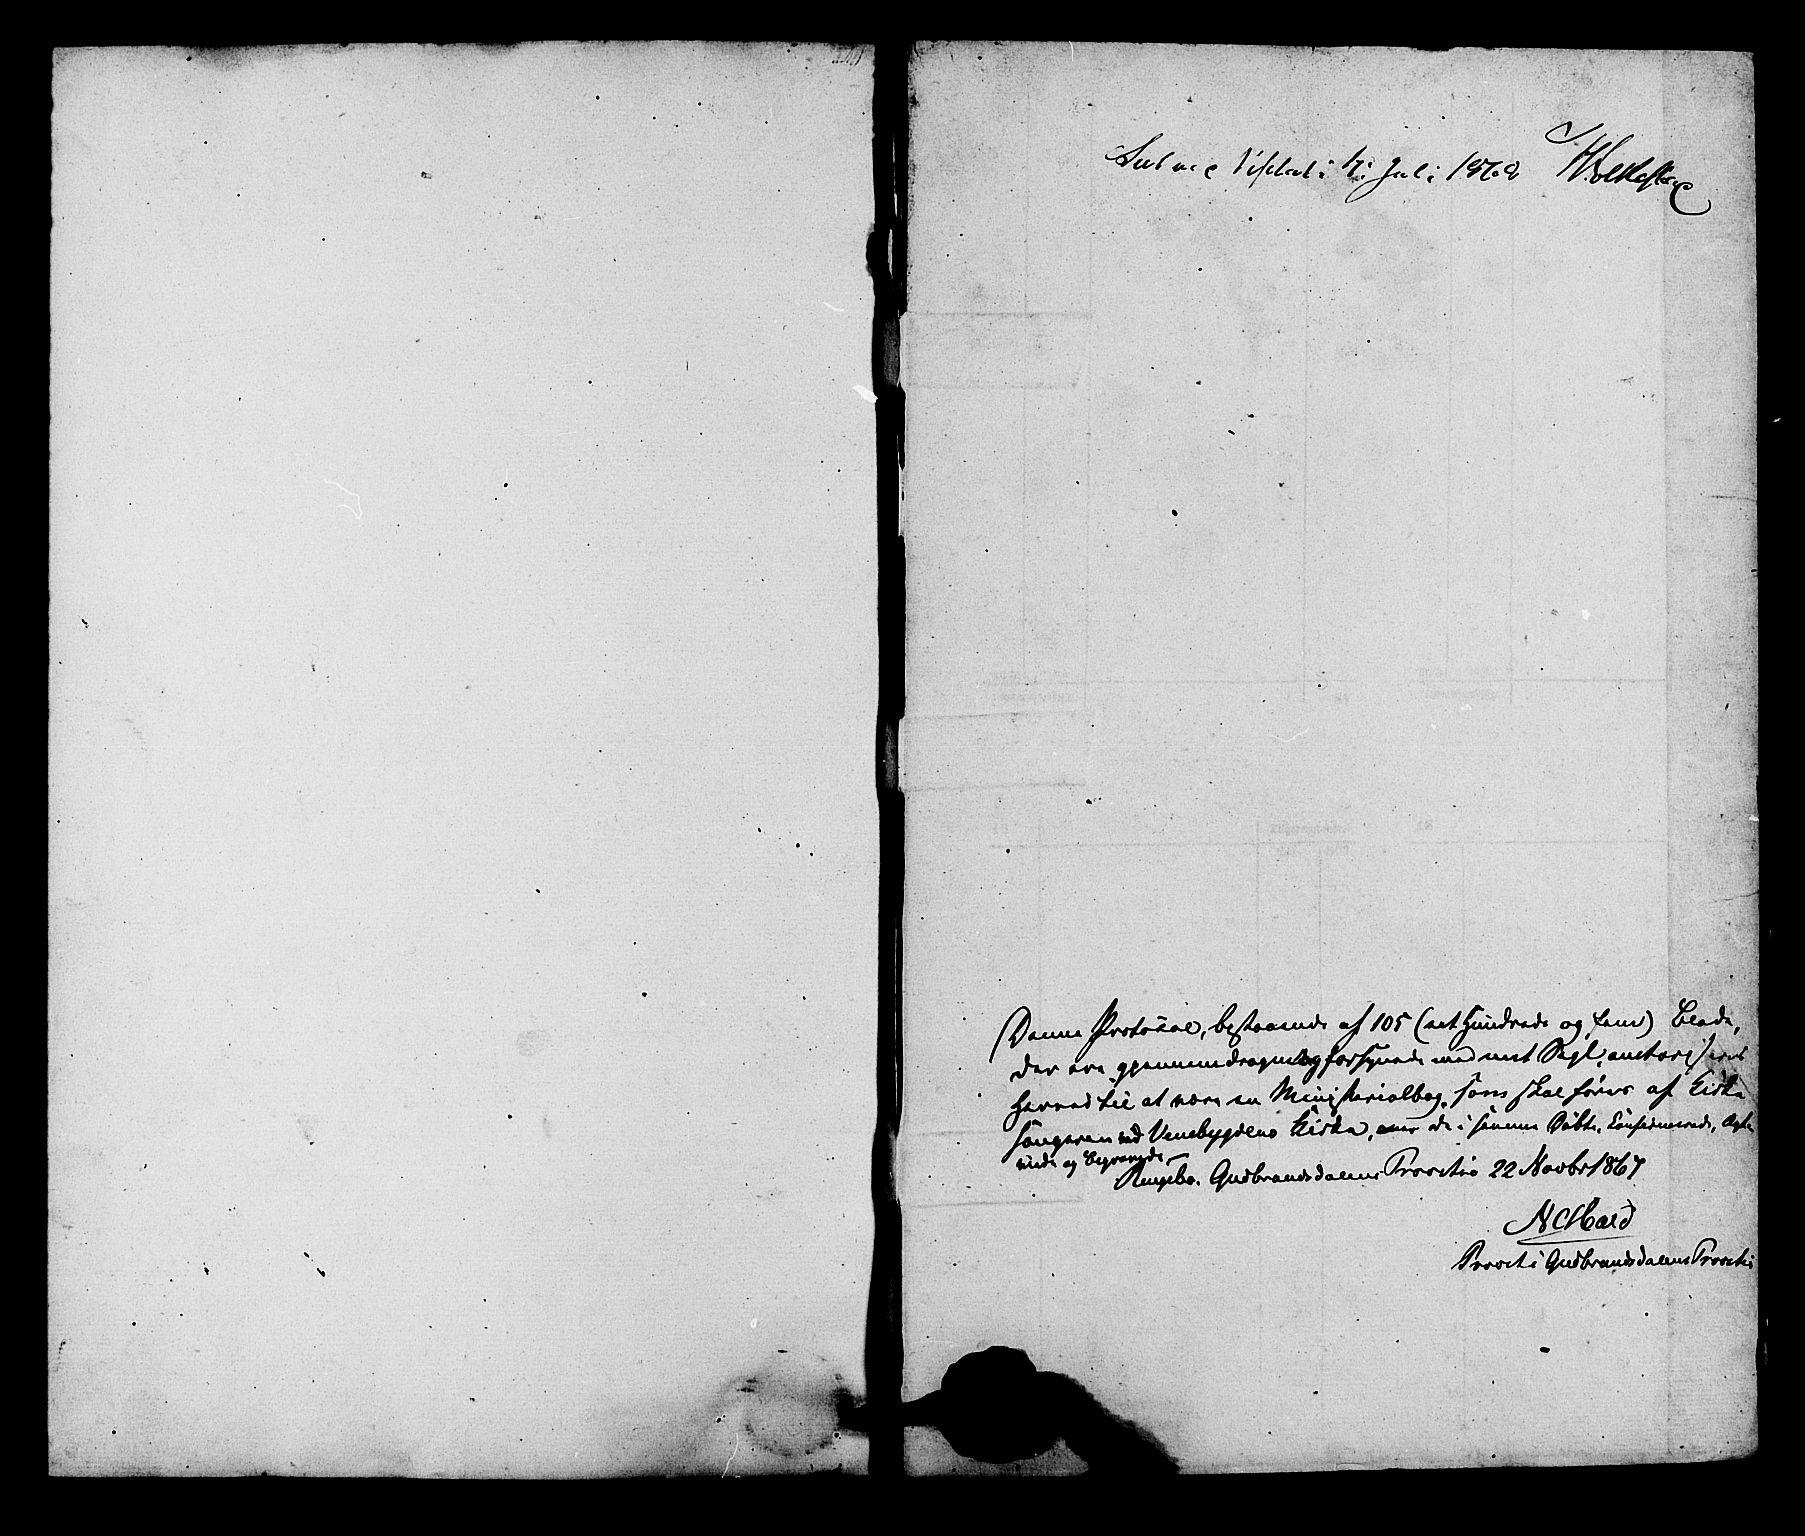 SAH, Ringebu prestekontor, Klokkerbok nr. 5, 1868-1870